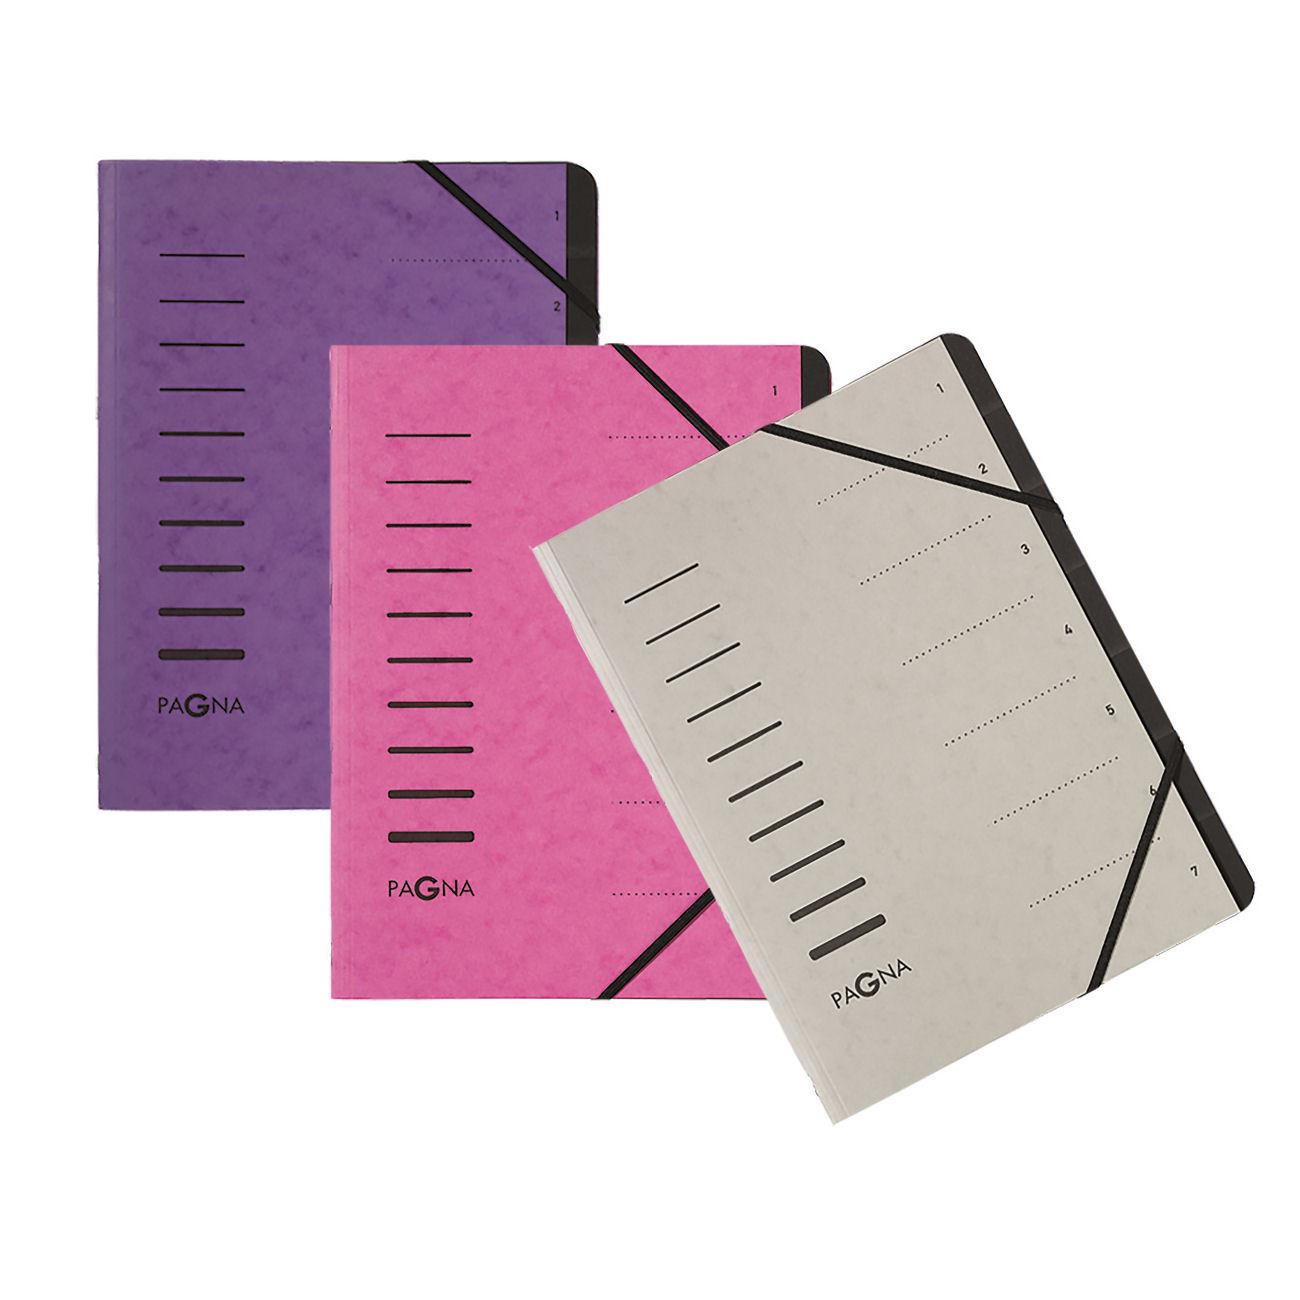 Pagna Pro 12 Part File A4 Purple Ref 4005910